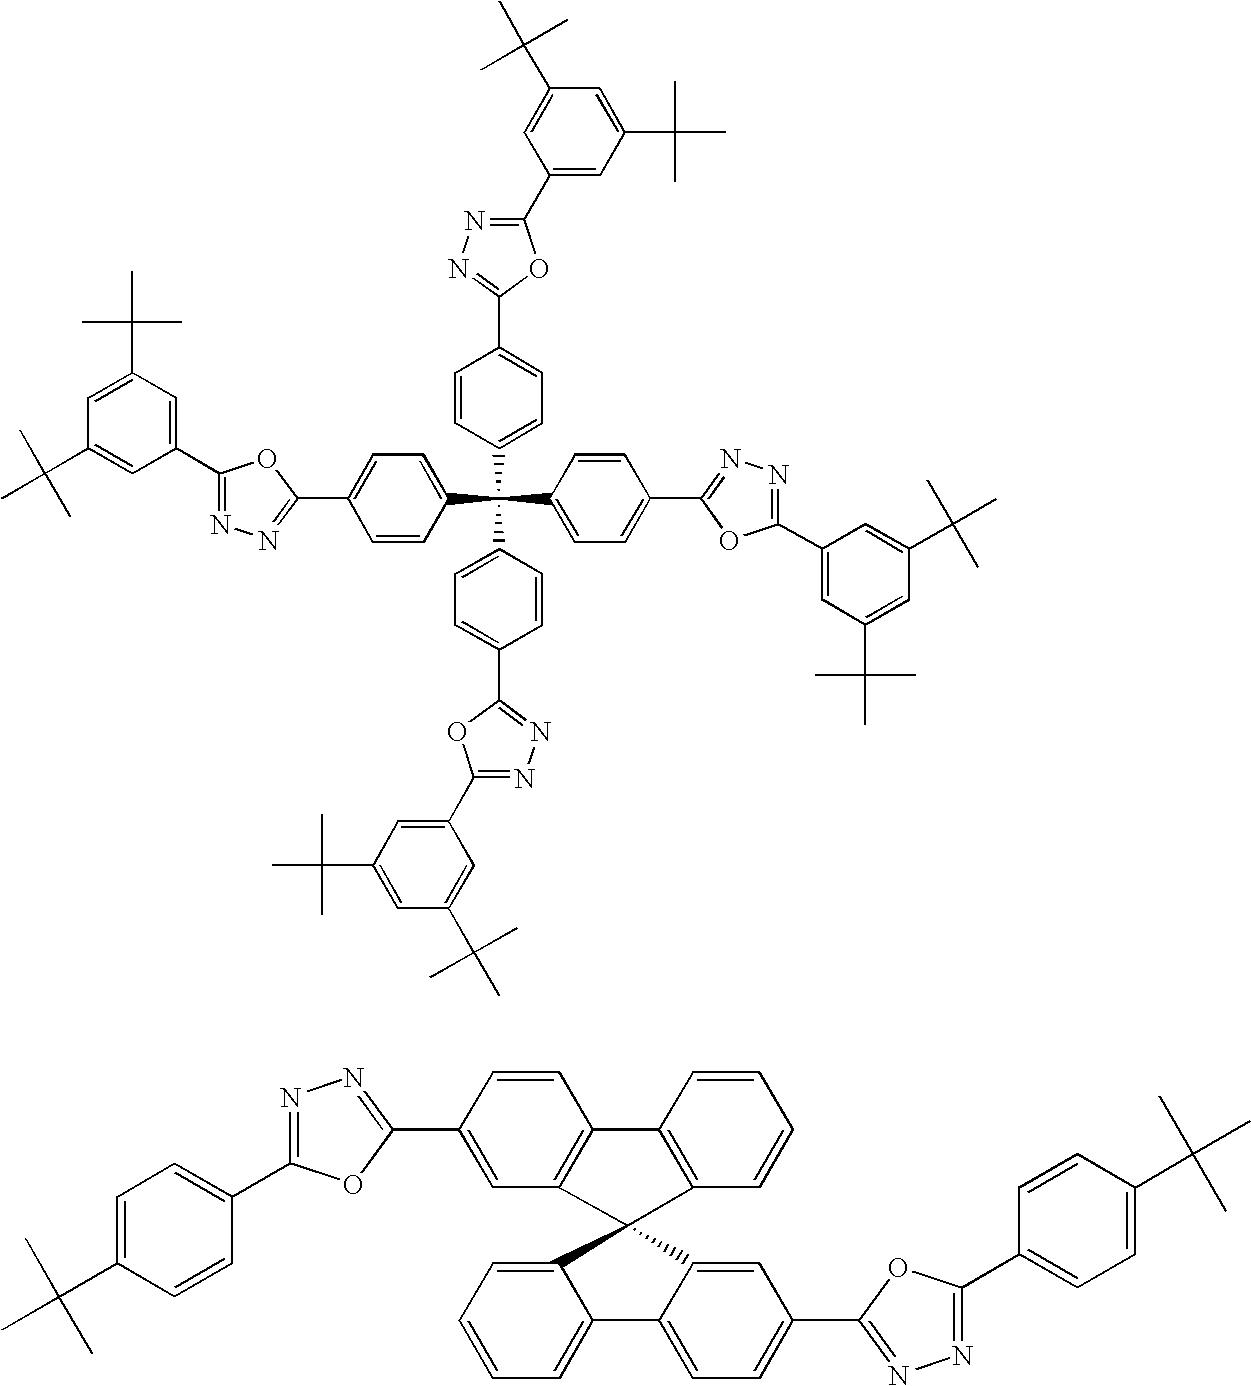 Figure US20090246664A1-20091001-C00029